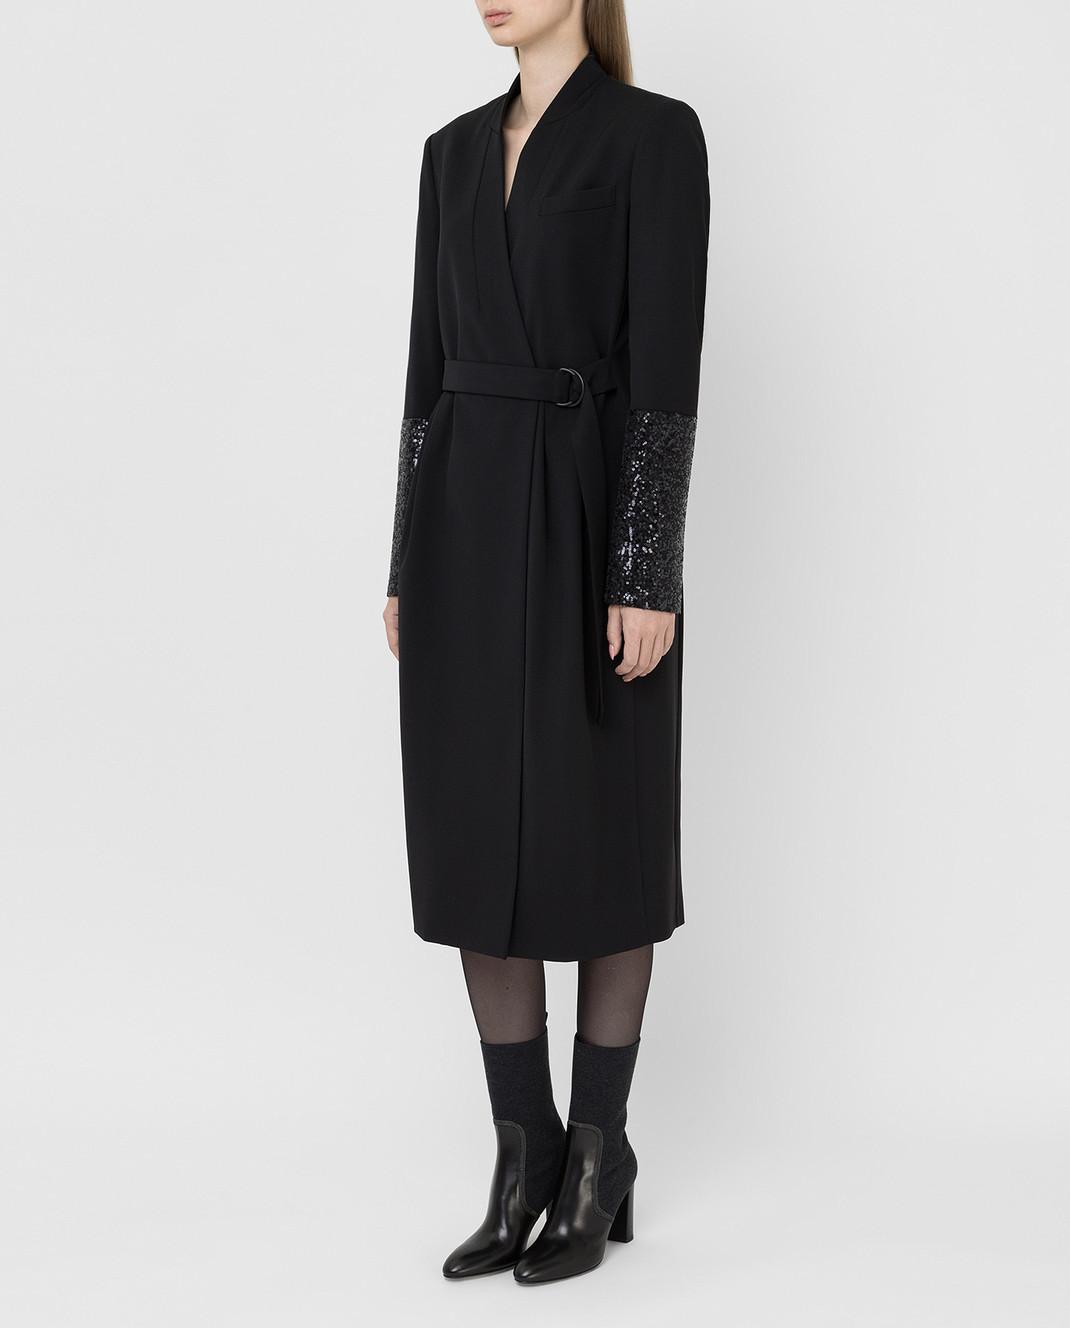 Brunello Cucinelli Черное платье из шерсти изображение 3